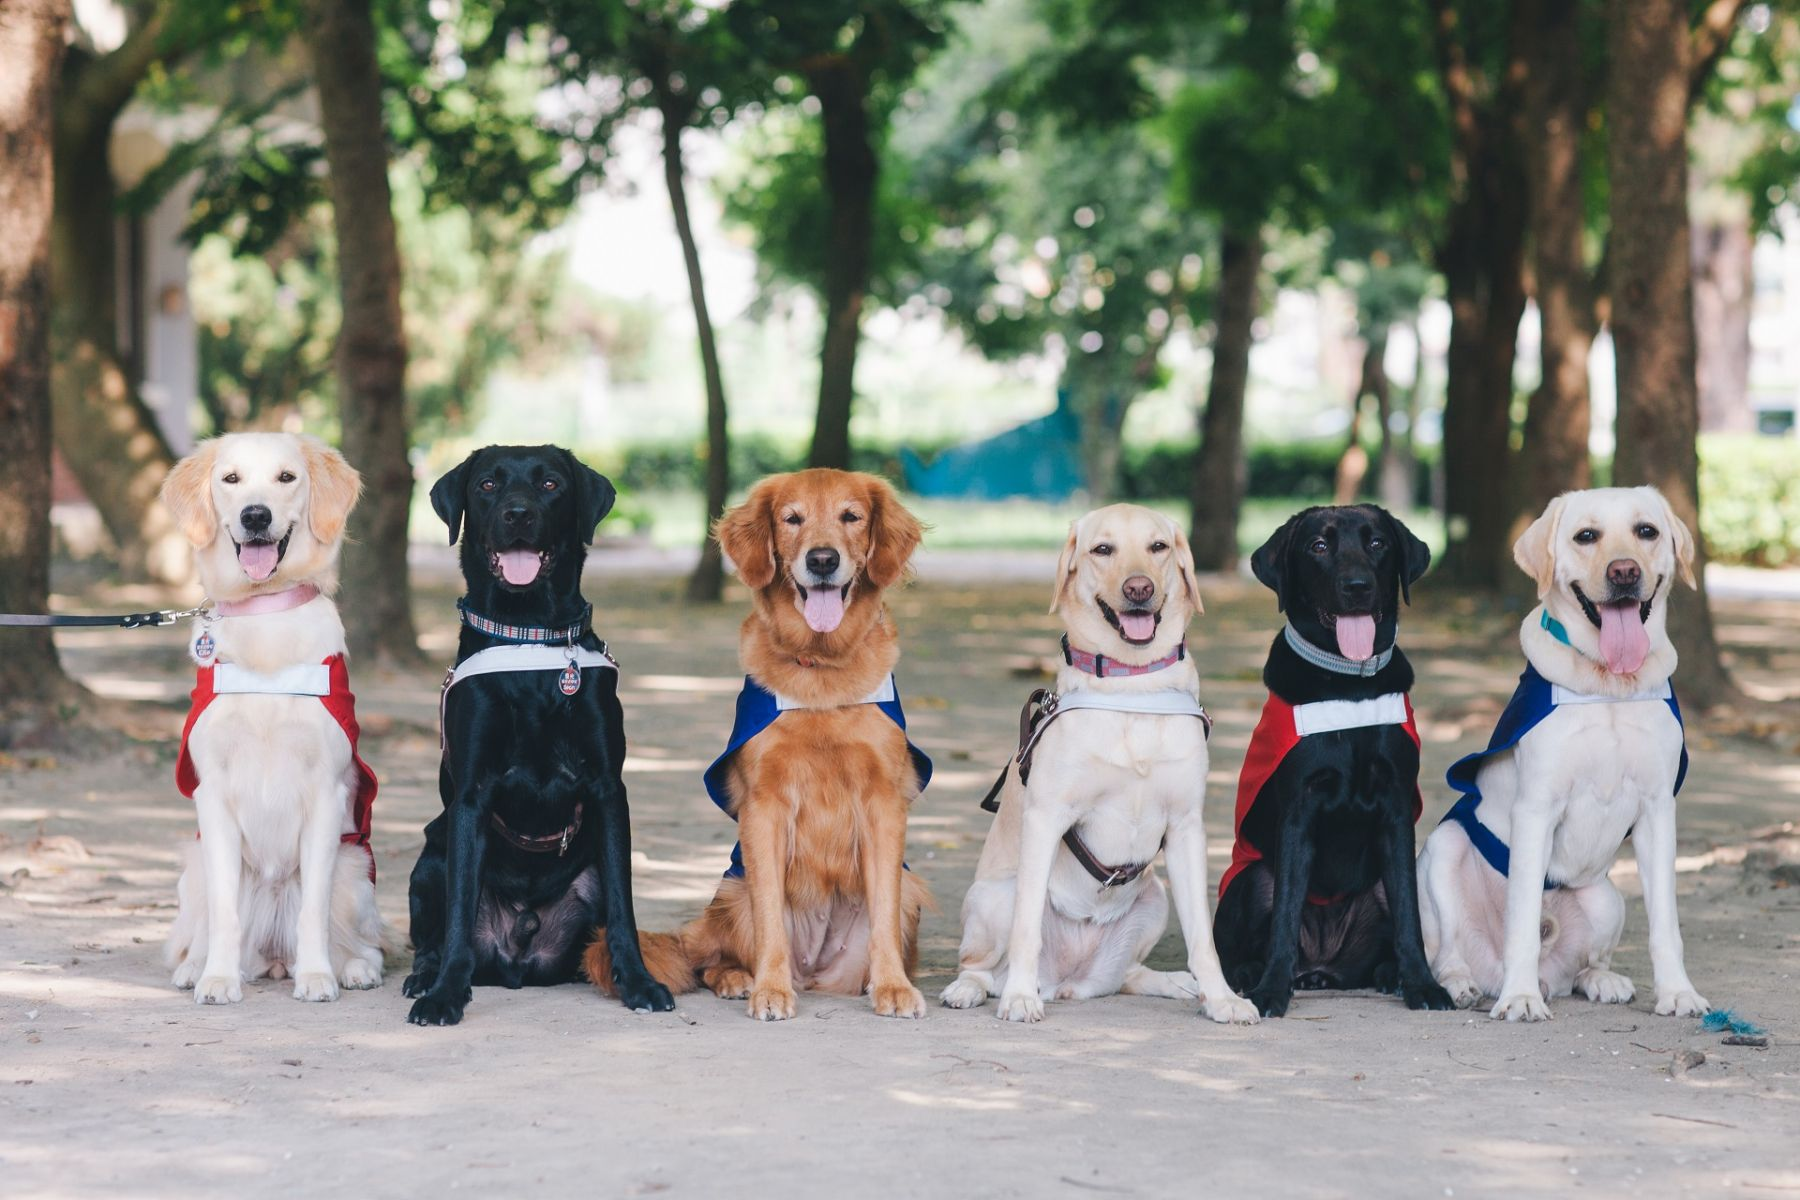 ▲據了解,一隻導盲犬的培訓得花上至少80萬至120萬不等的高額費用,但為了讓每位盲友都有機會可使用,因此皆是免費申請。每隻導盲犬的訓練養成,近乎都仰賴社會大眾的愛心捐款而成的。(圖片提供/惠光導盲犬教育基金會)